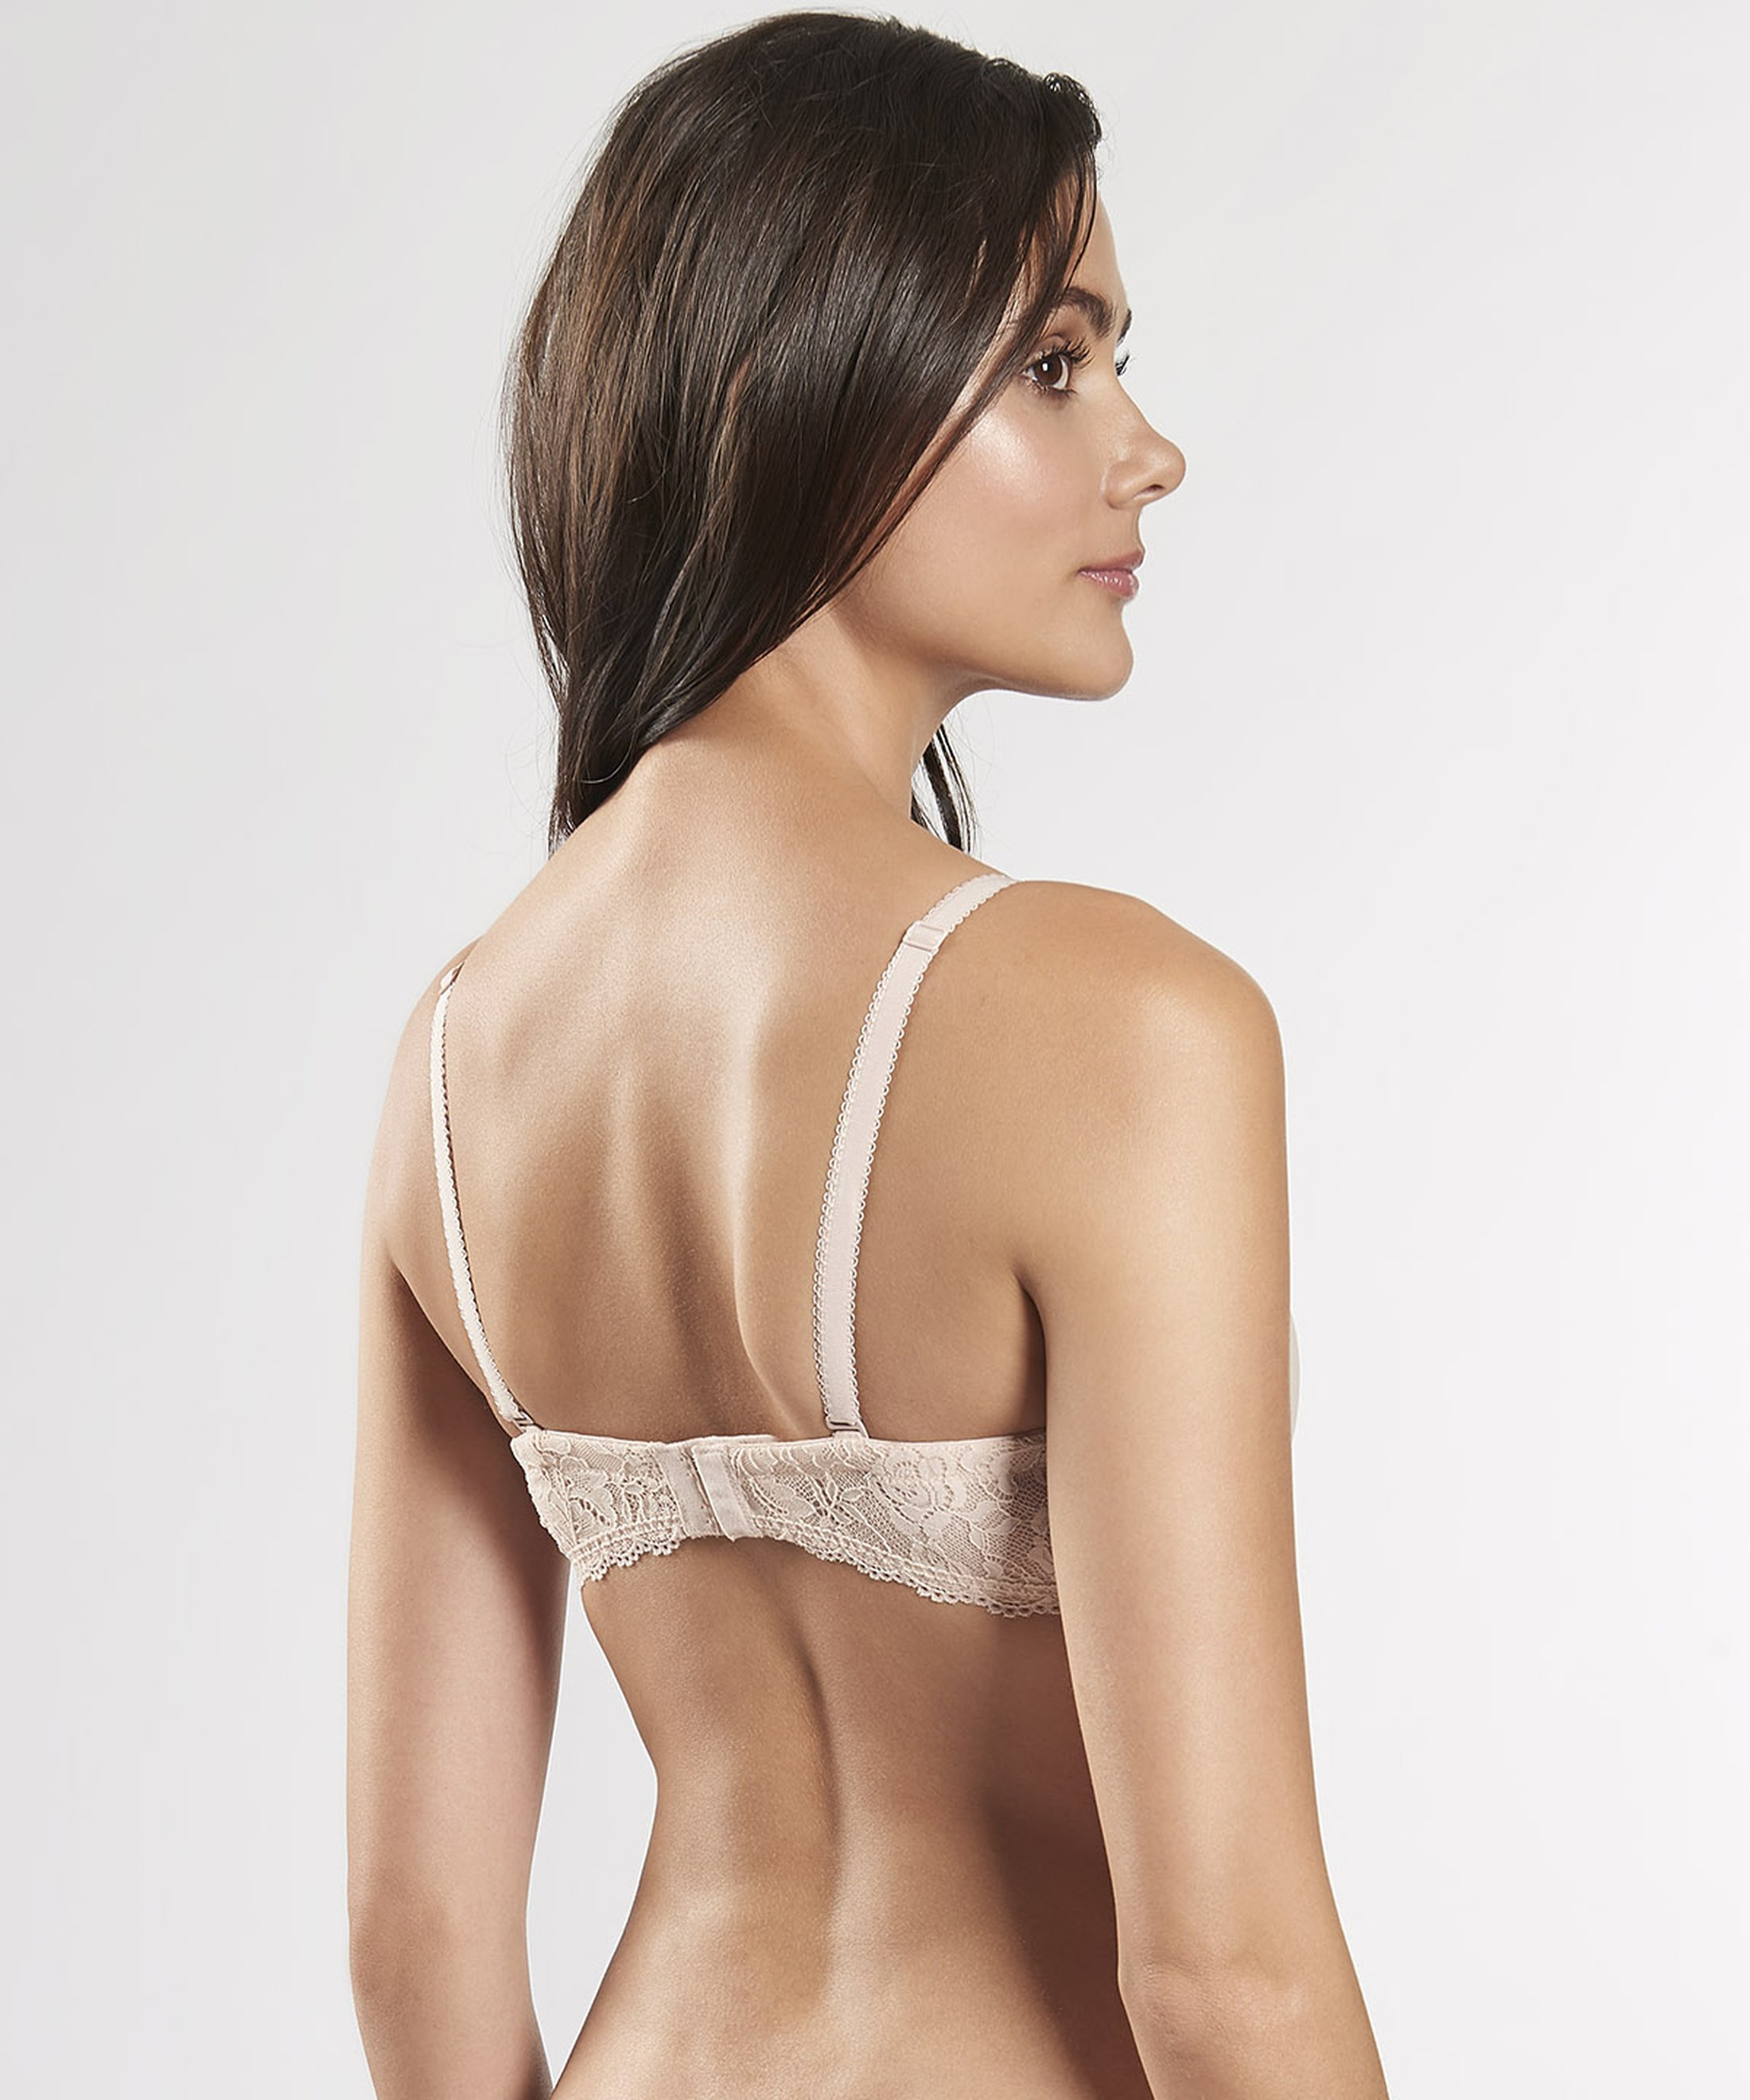 LYSESSENCE Soutien-gorge bandeau coque confort Nude d'Été | Aubade